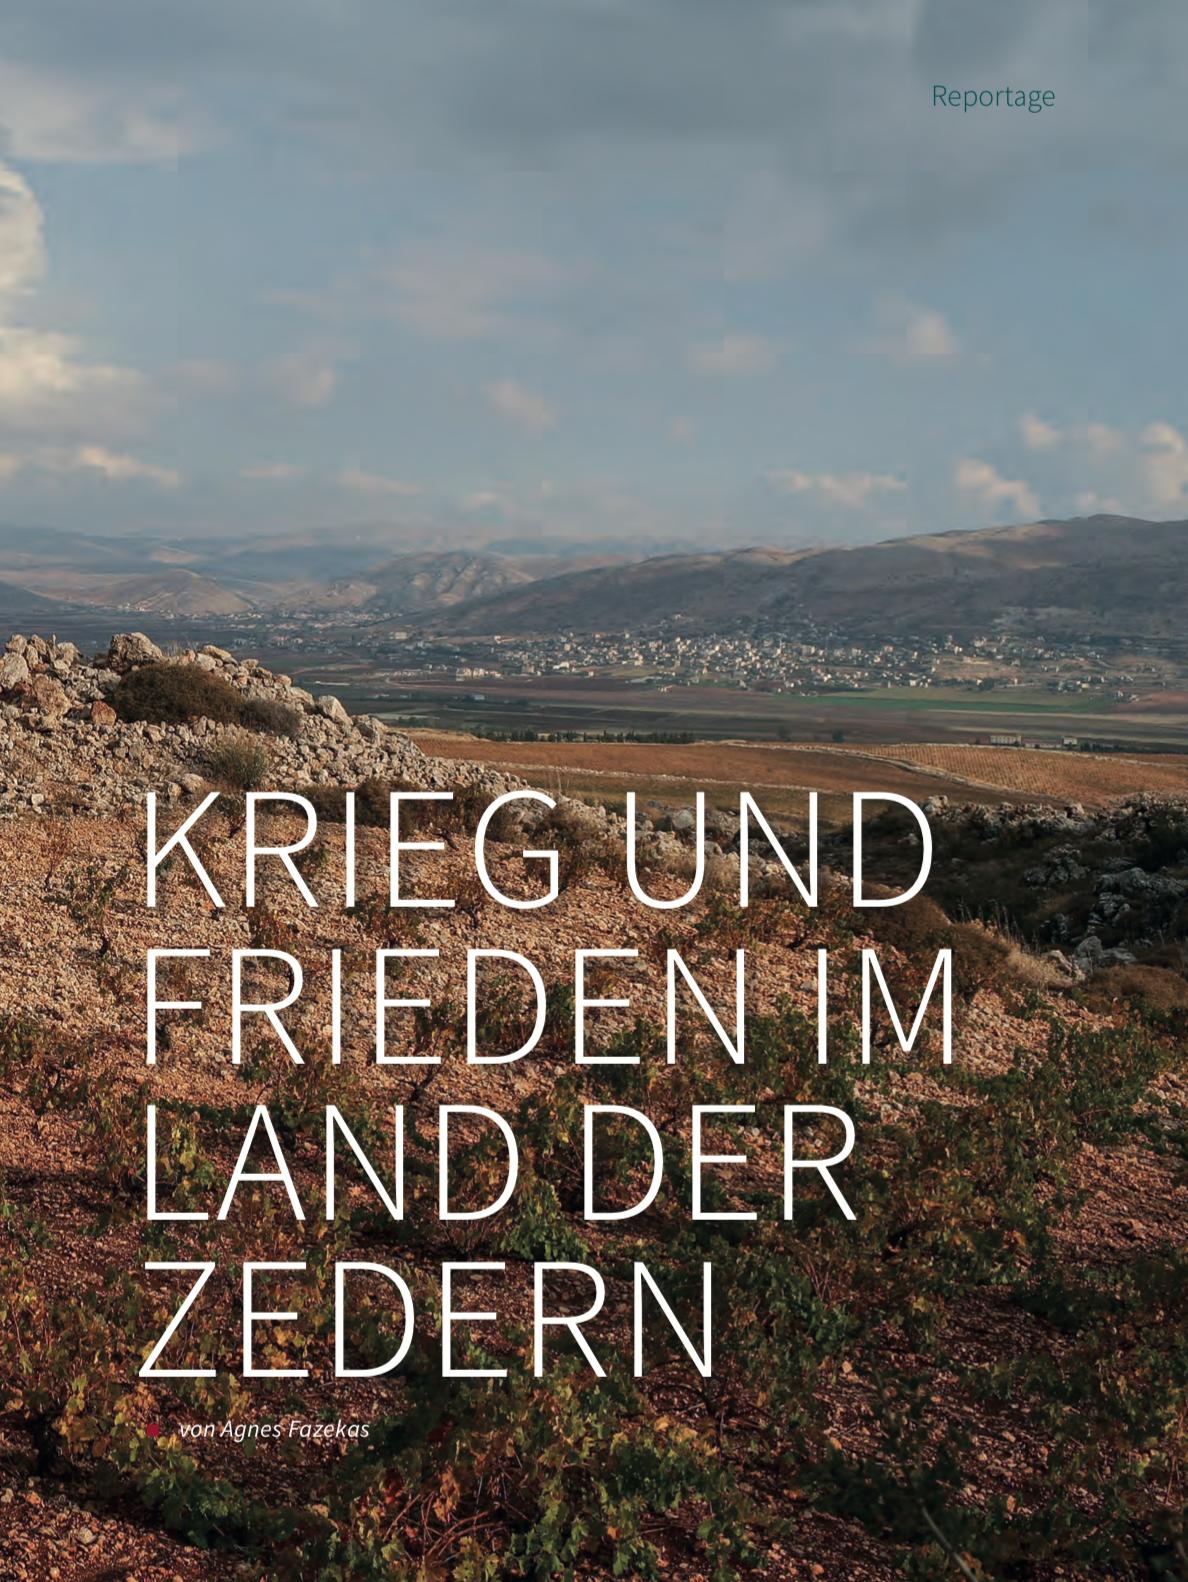 Krieg Und Frieden Im Land Der Zedern.png